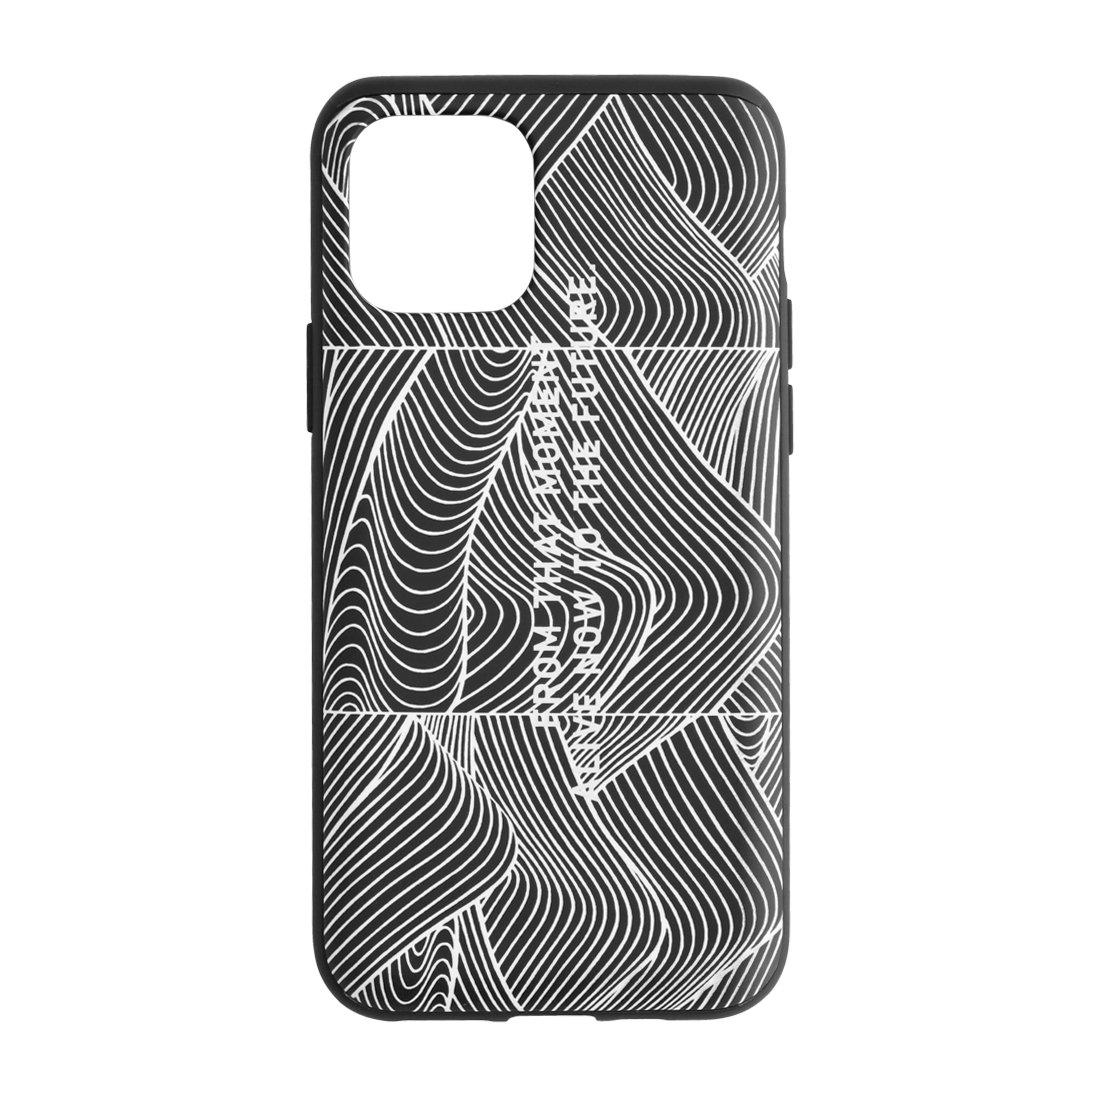 KLON / ISAMONYO SLIDE iPhone CASE -Kaya-